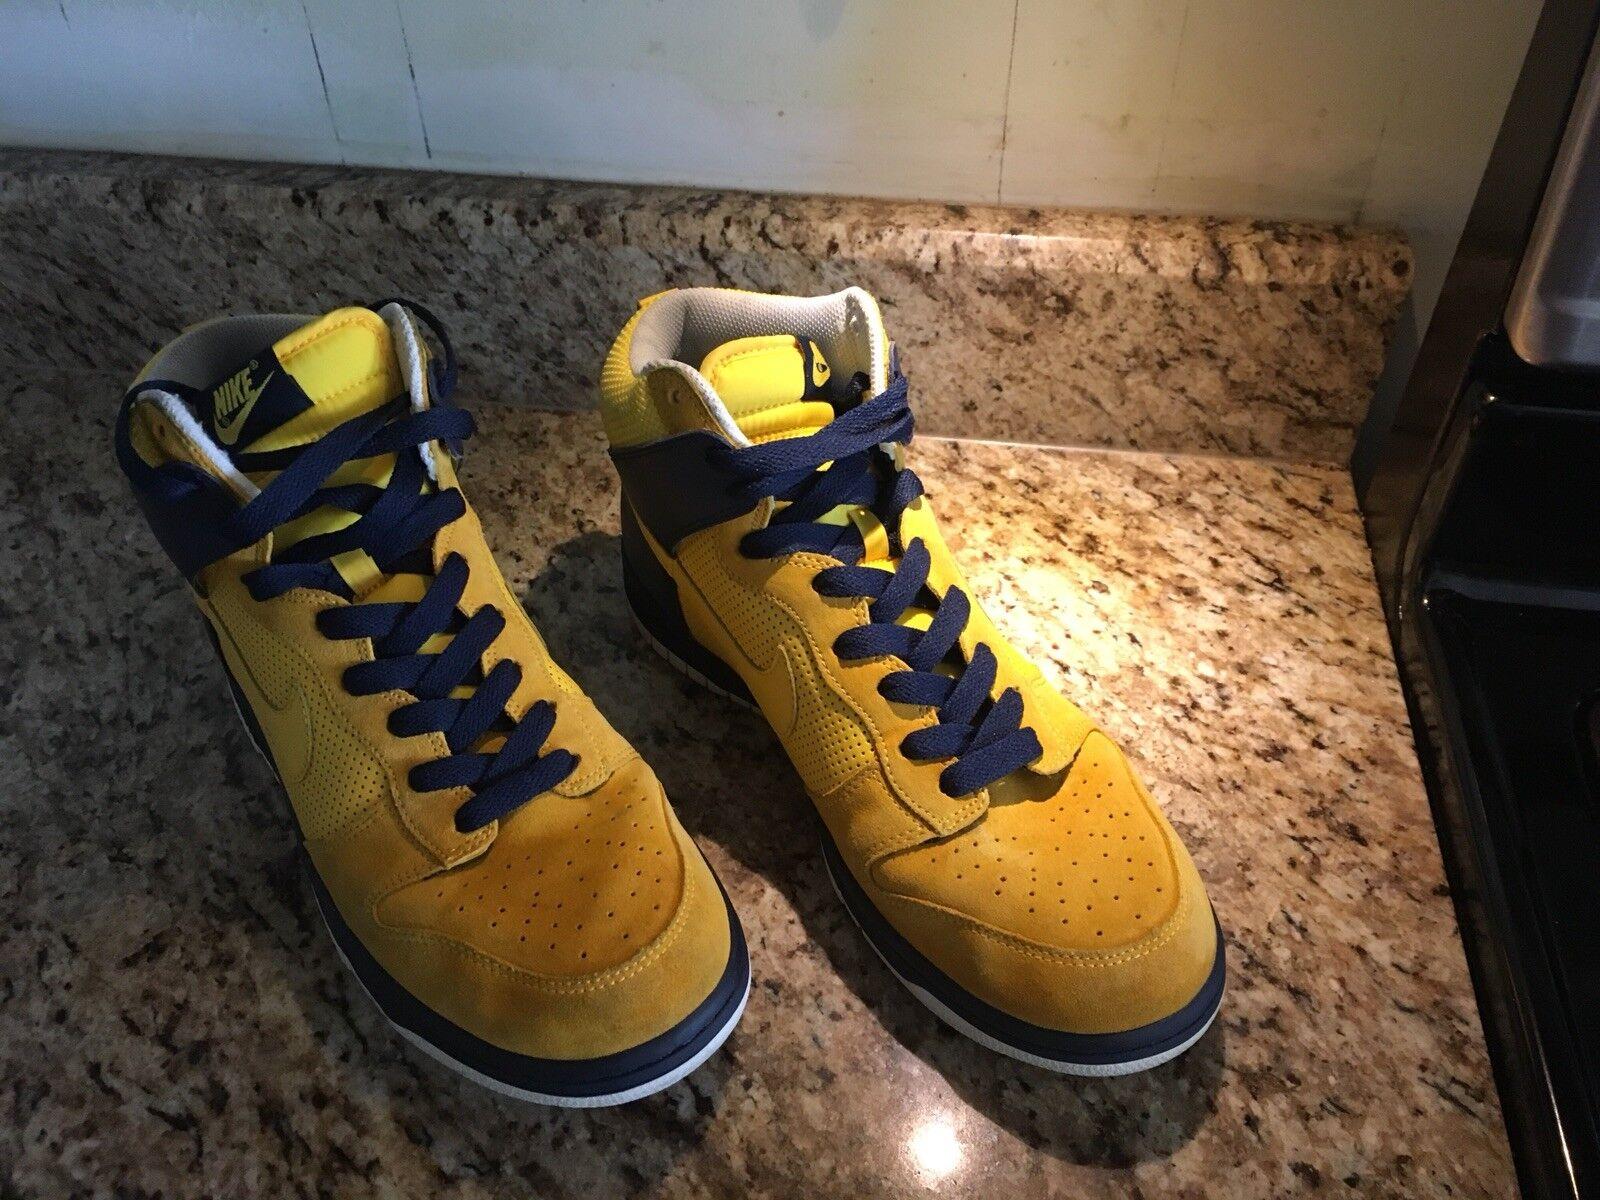 Nike Dunk High Fairly Rare Shoe Great Shape Size 10.5